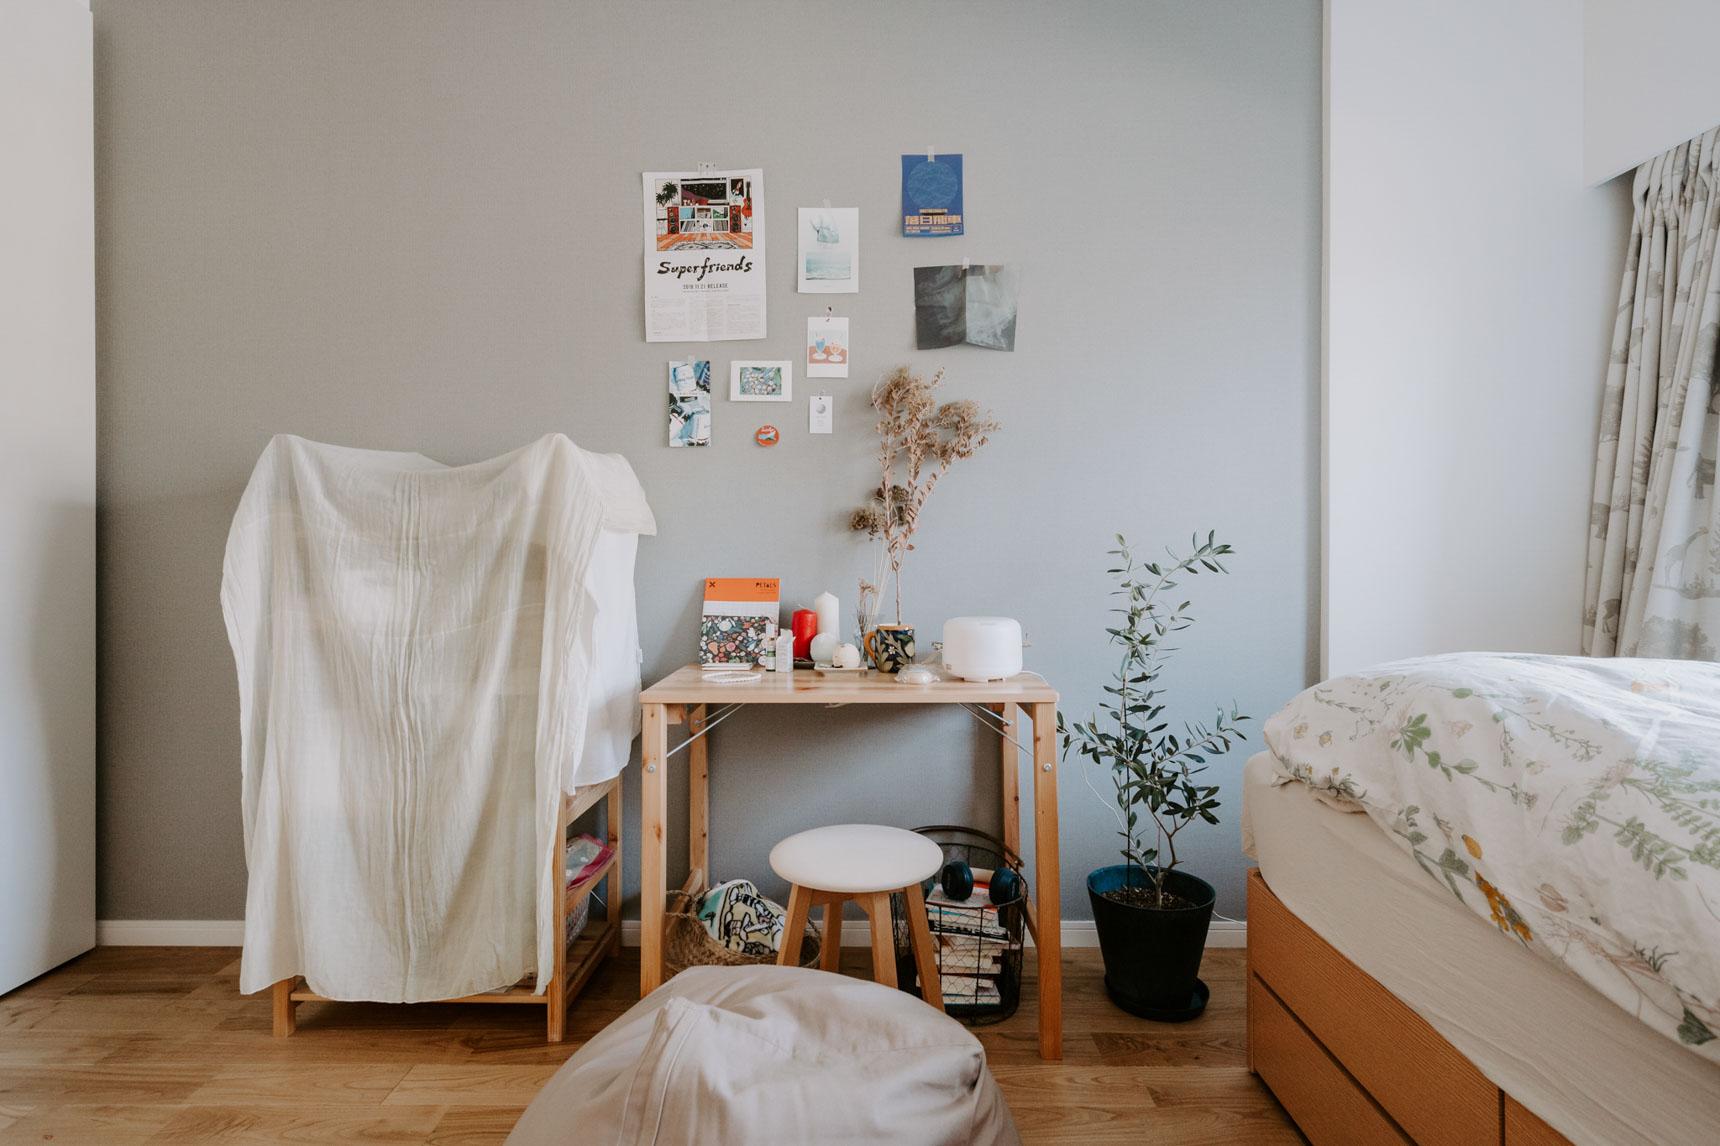 ワークデスクのおすすめはこちらの記事を参考に:あなたのお部屋にあったデザインは?おしゃれなワークデスクのブランドを教えて!